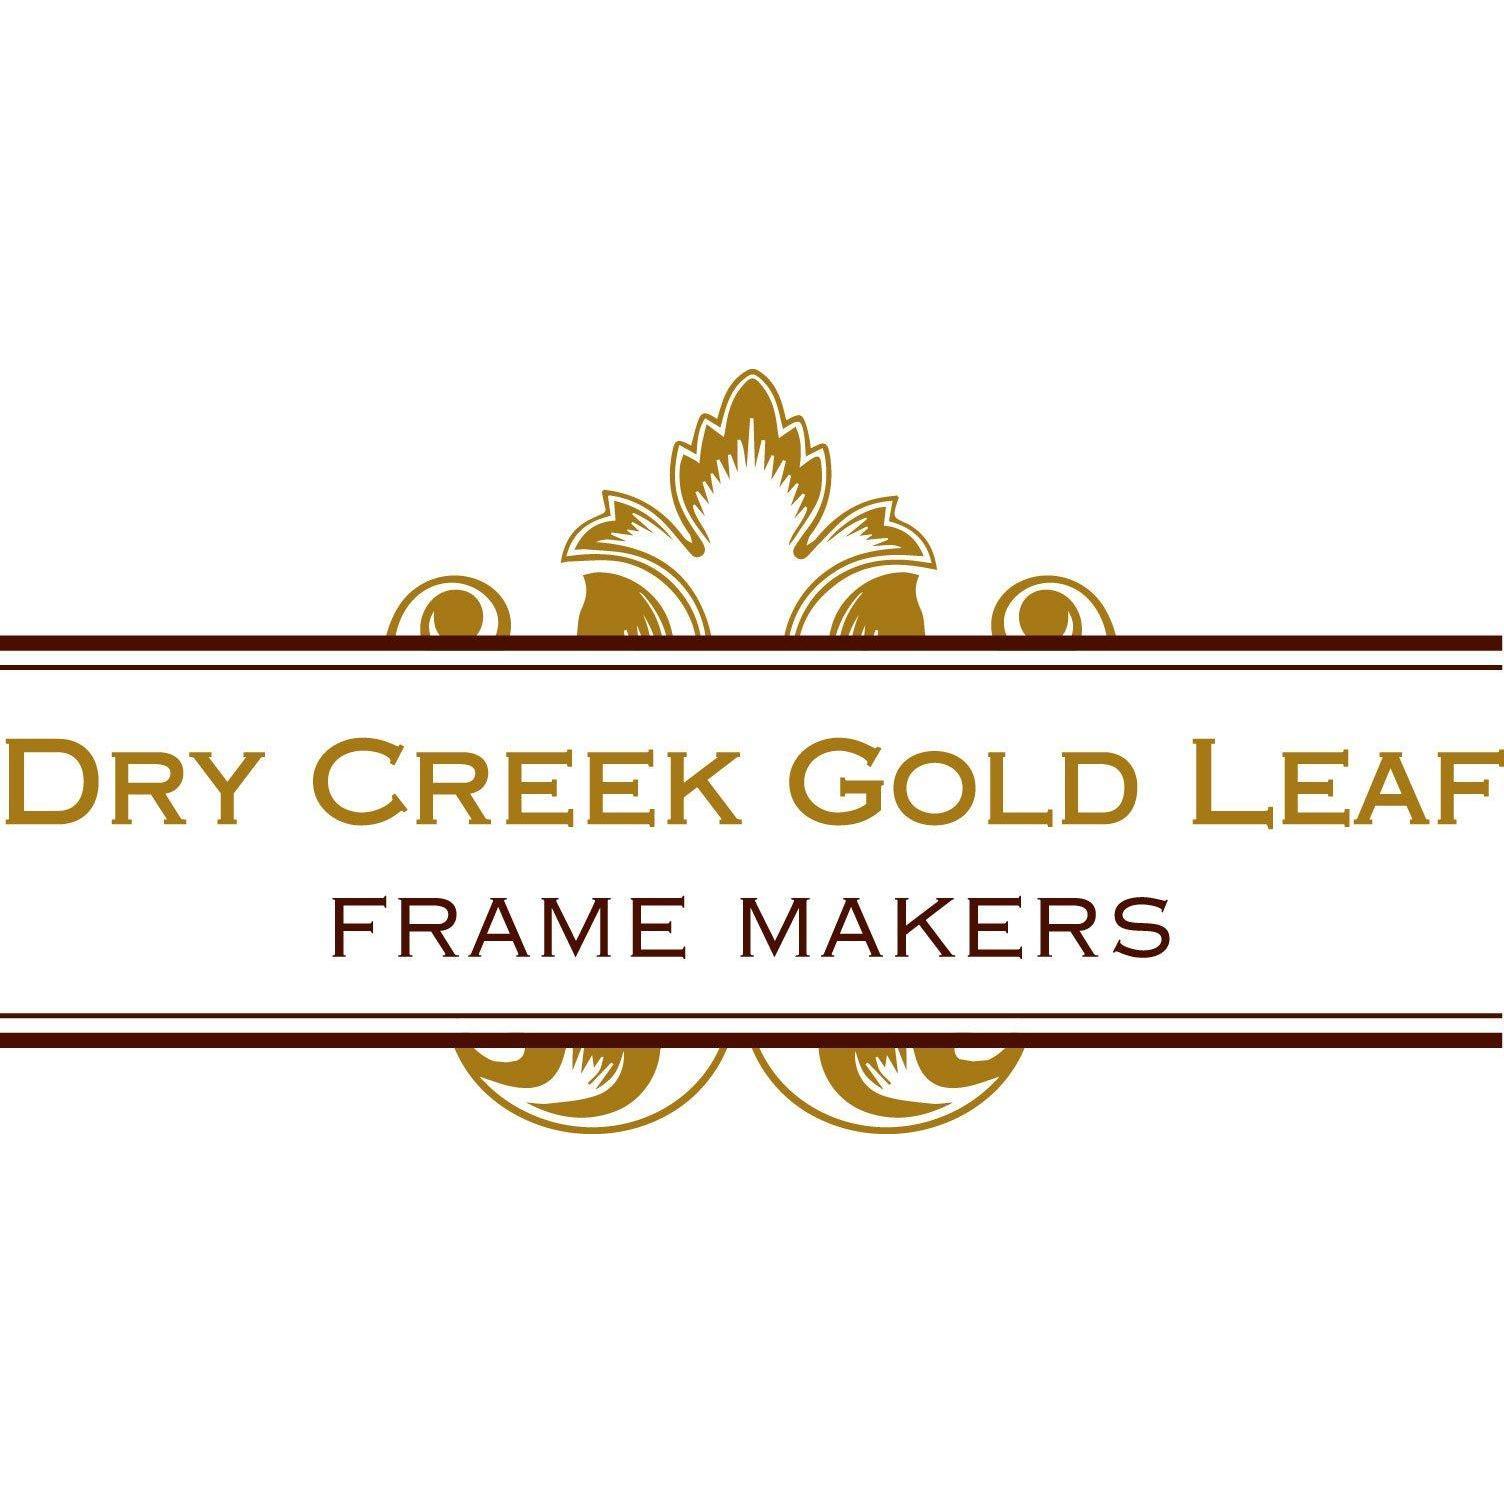 Dry creek gold leaf frame makers